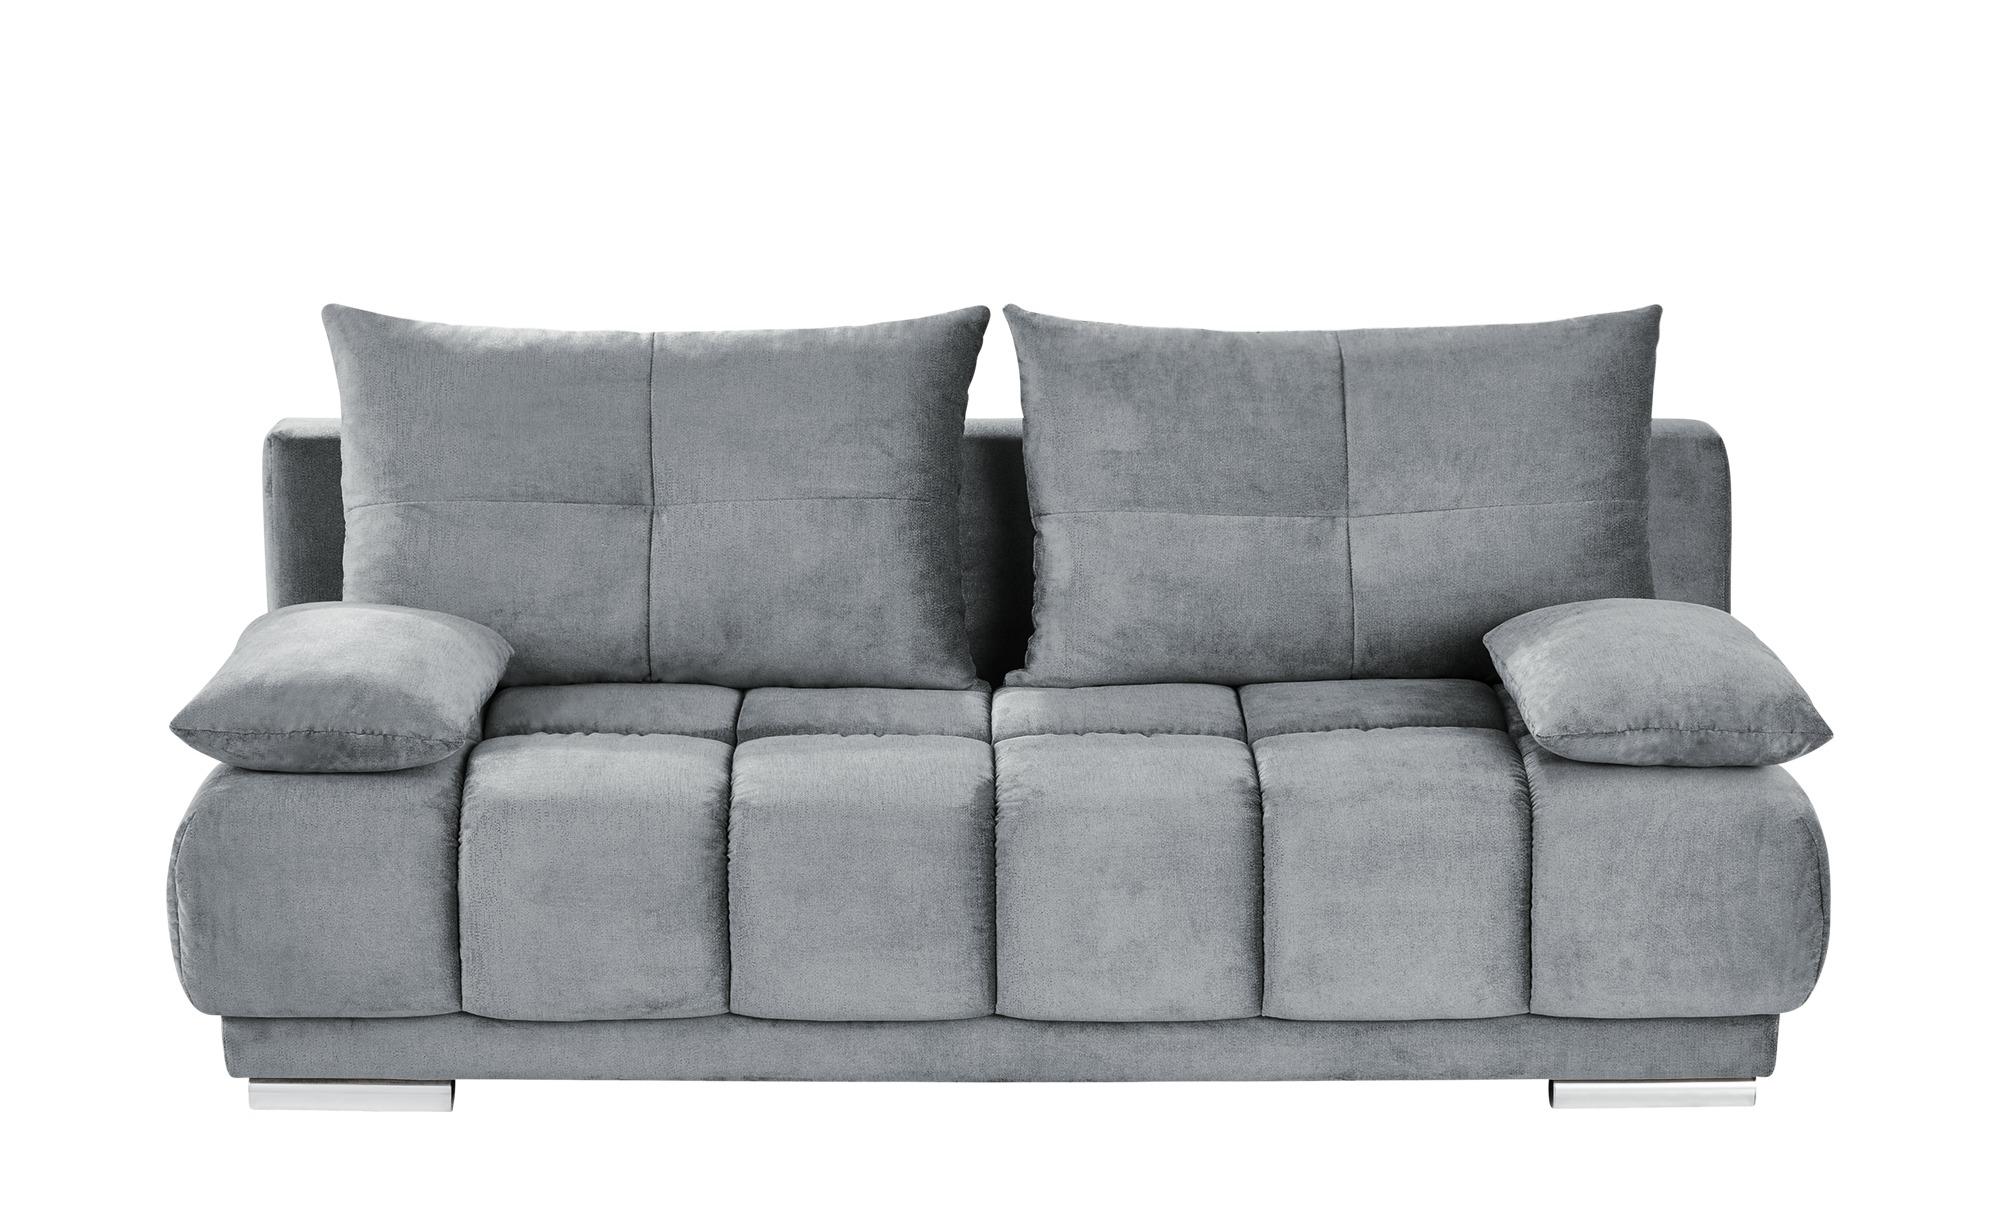 bobb Schlafsofa grau - Flachgewebe Isalie de Luxe ¦ grau ¦ Maße (cm): B: 206 H: 92 T: 105 Polstermöbel > Sofas > Einzelsofas - Höffner